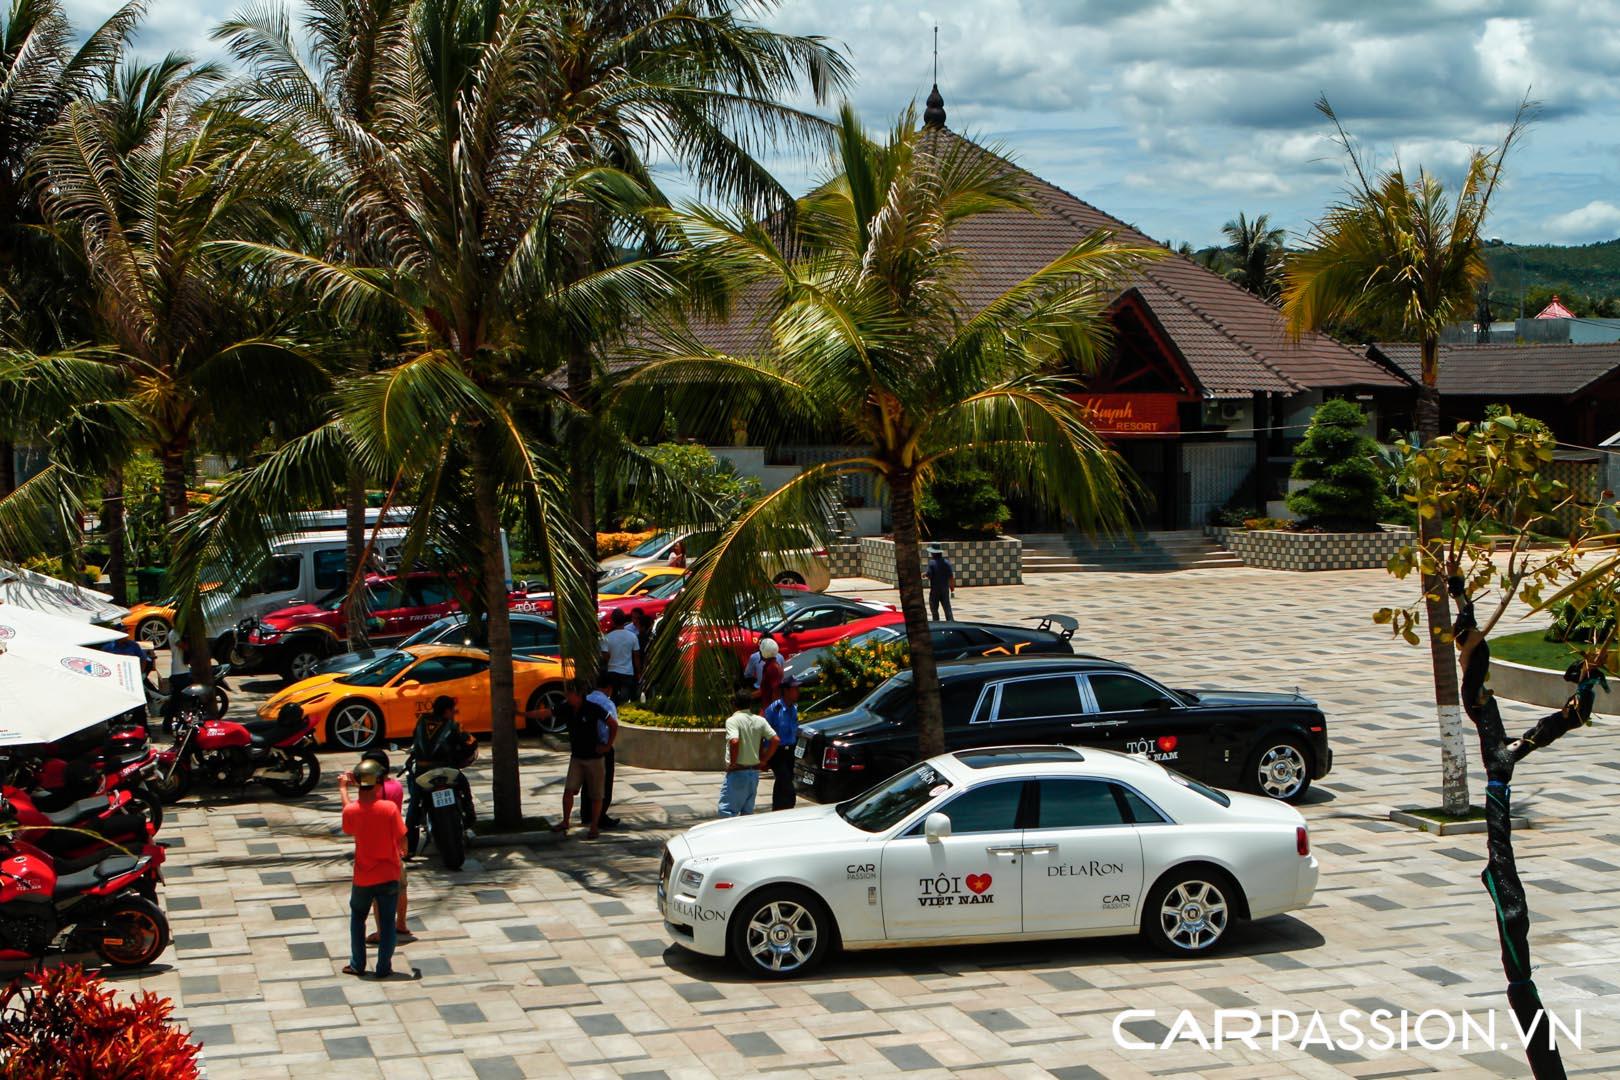 CP-Hành trình siêu xe CarPassion 2011 Day 4 (33).jpg